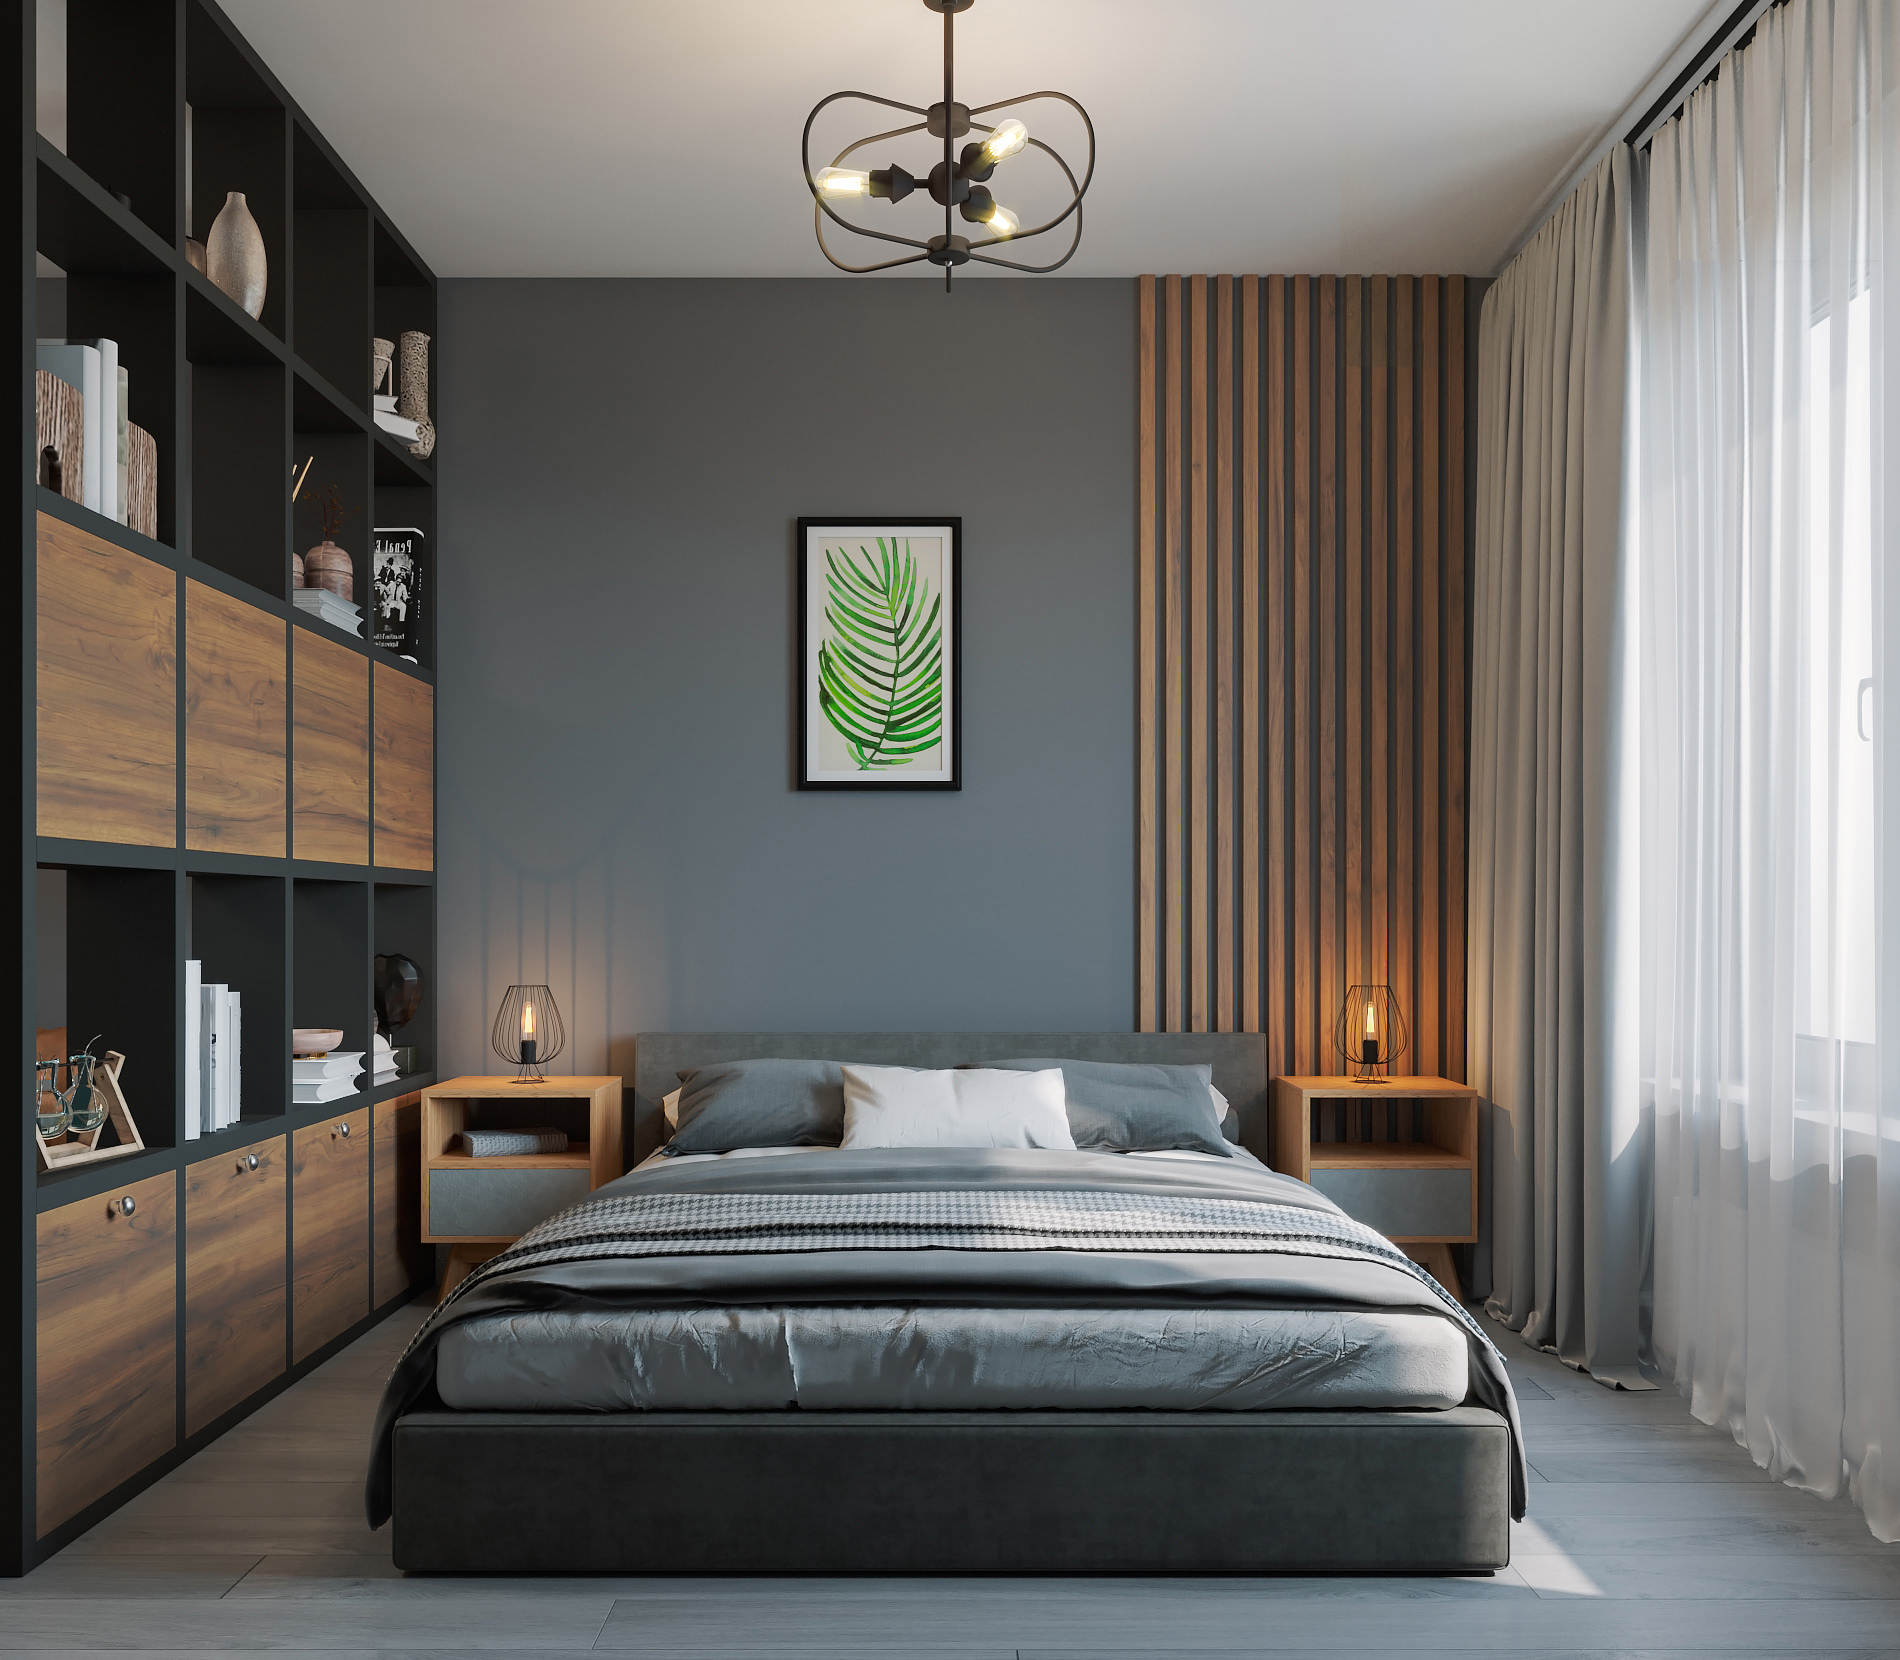 двуспальная кровать в интерьере